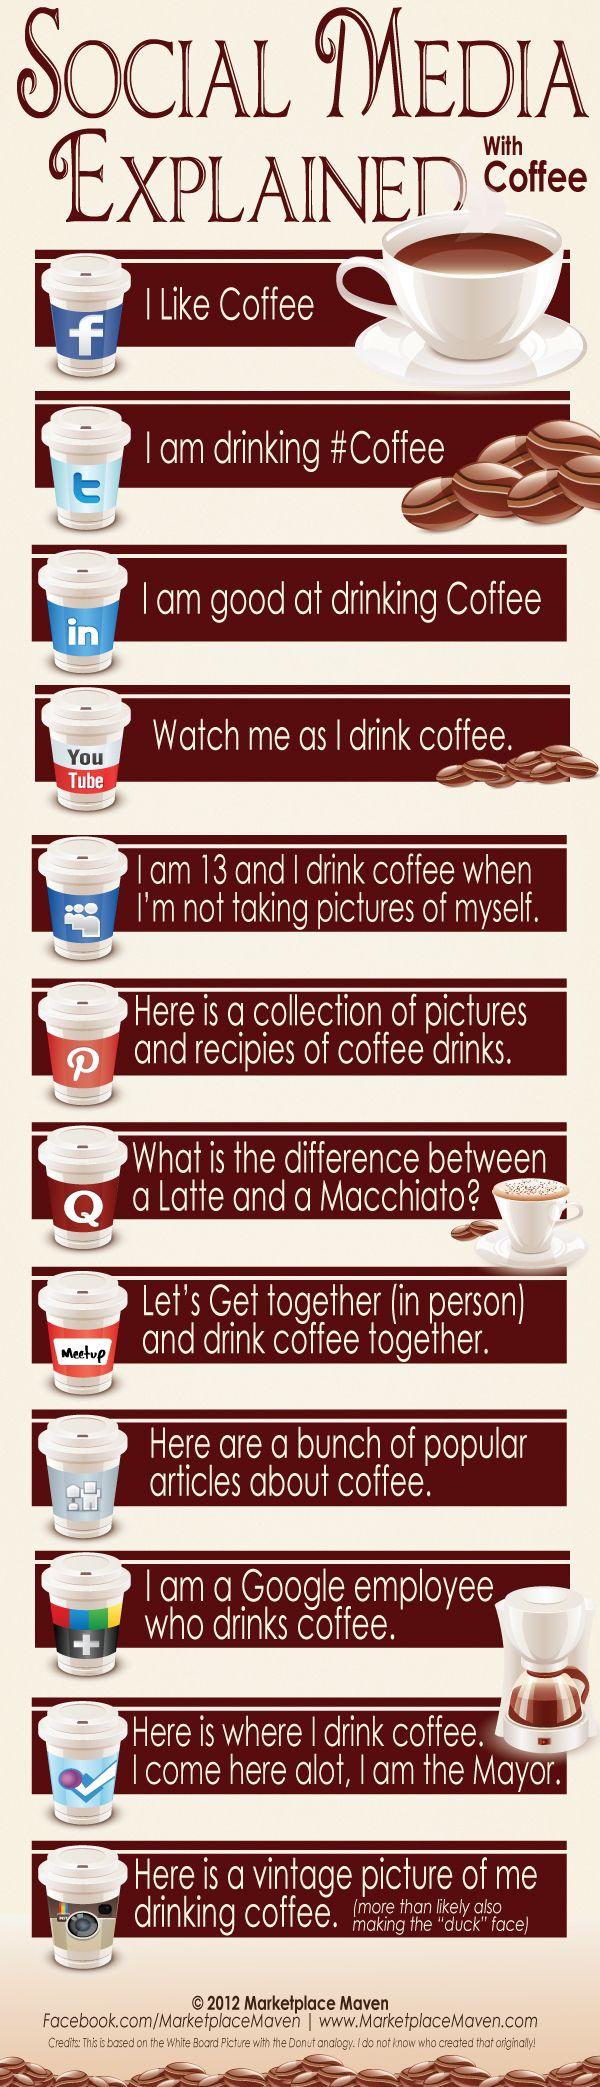 Bere un caffè secondo i social network by http://news.pmiservizi.it/approfondimenti/internet-approfondimenti/infografica-social-network.html